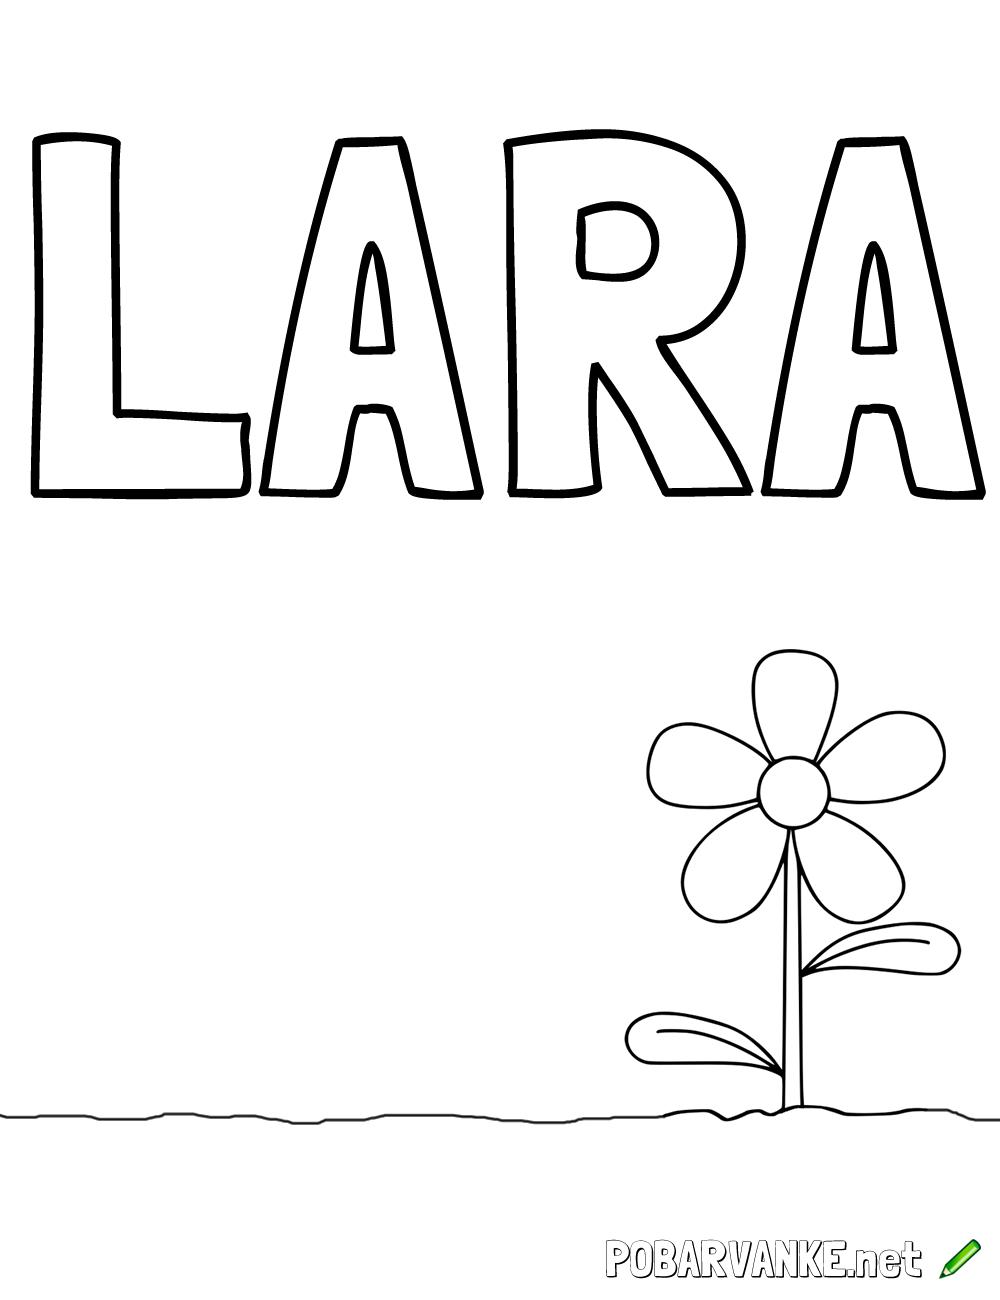 Pobarvanka imena LARA (2)